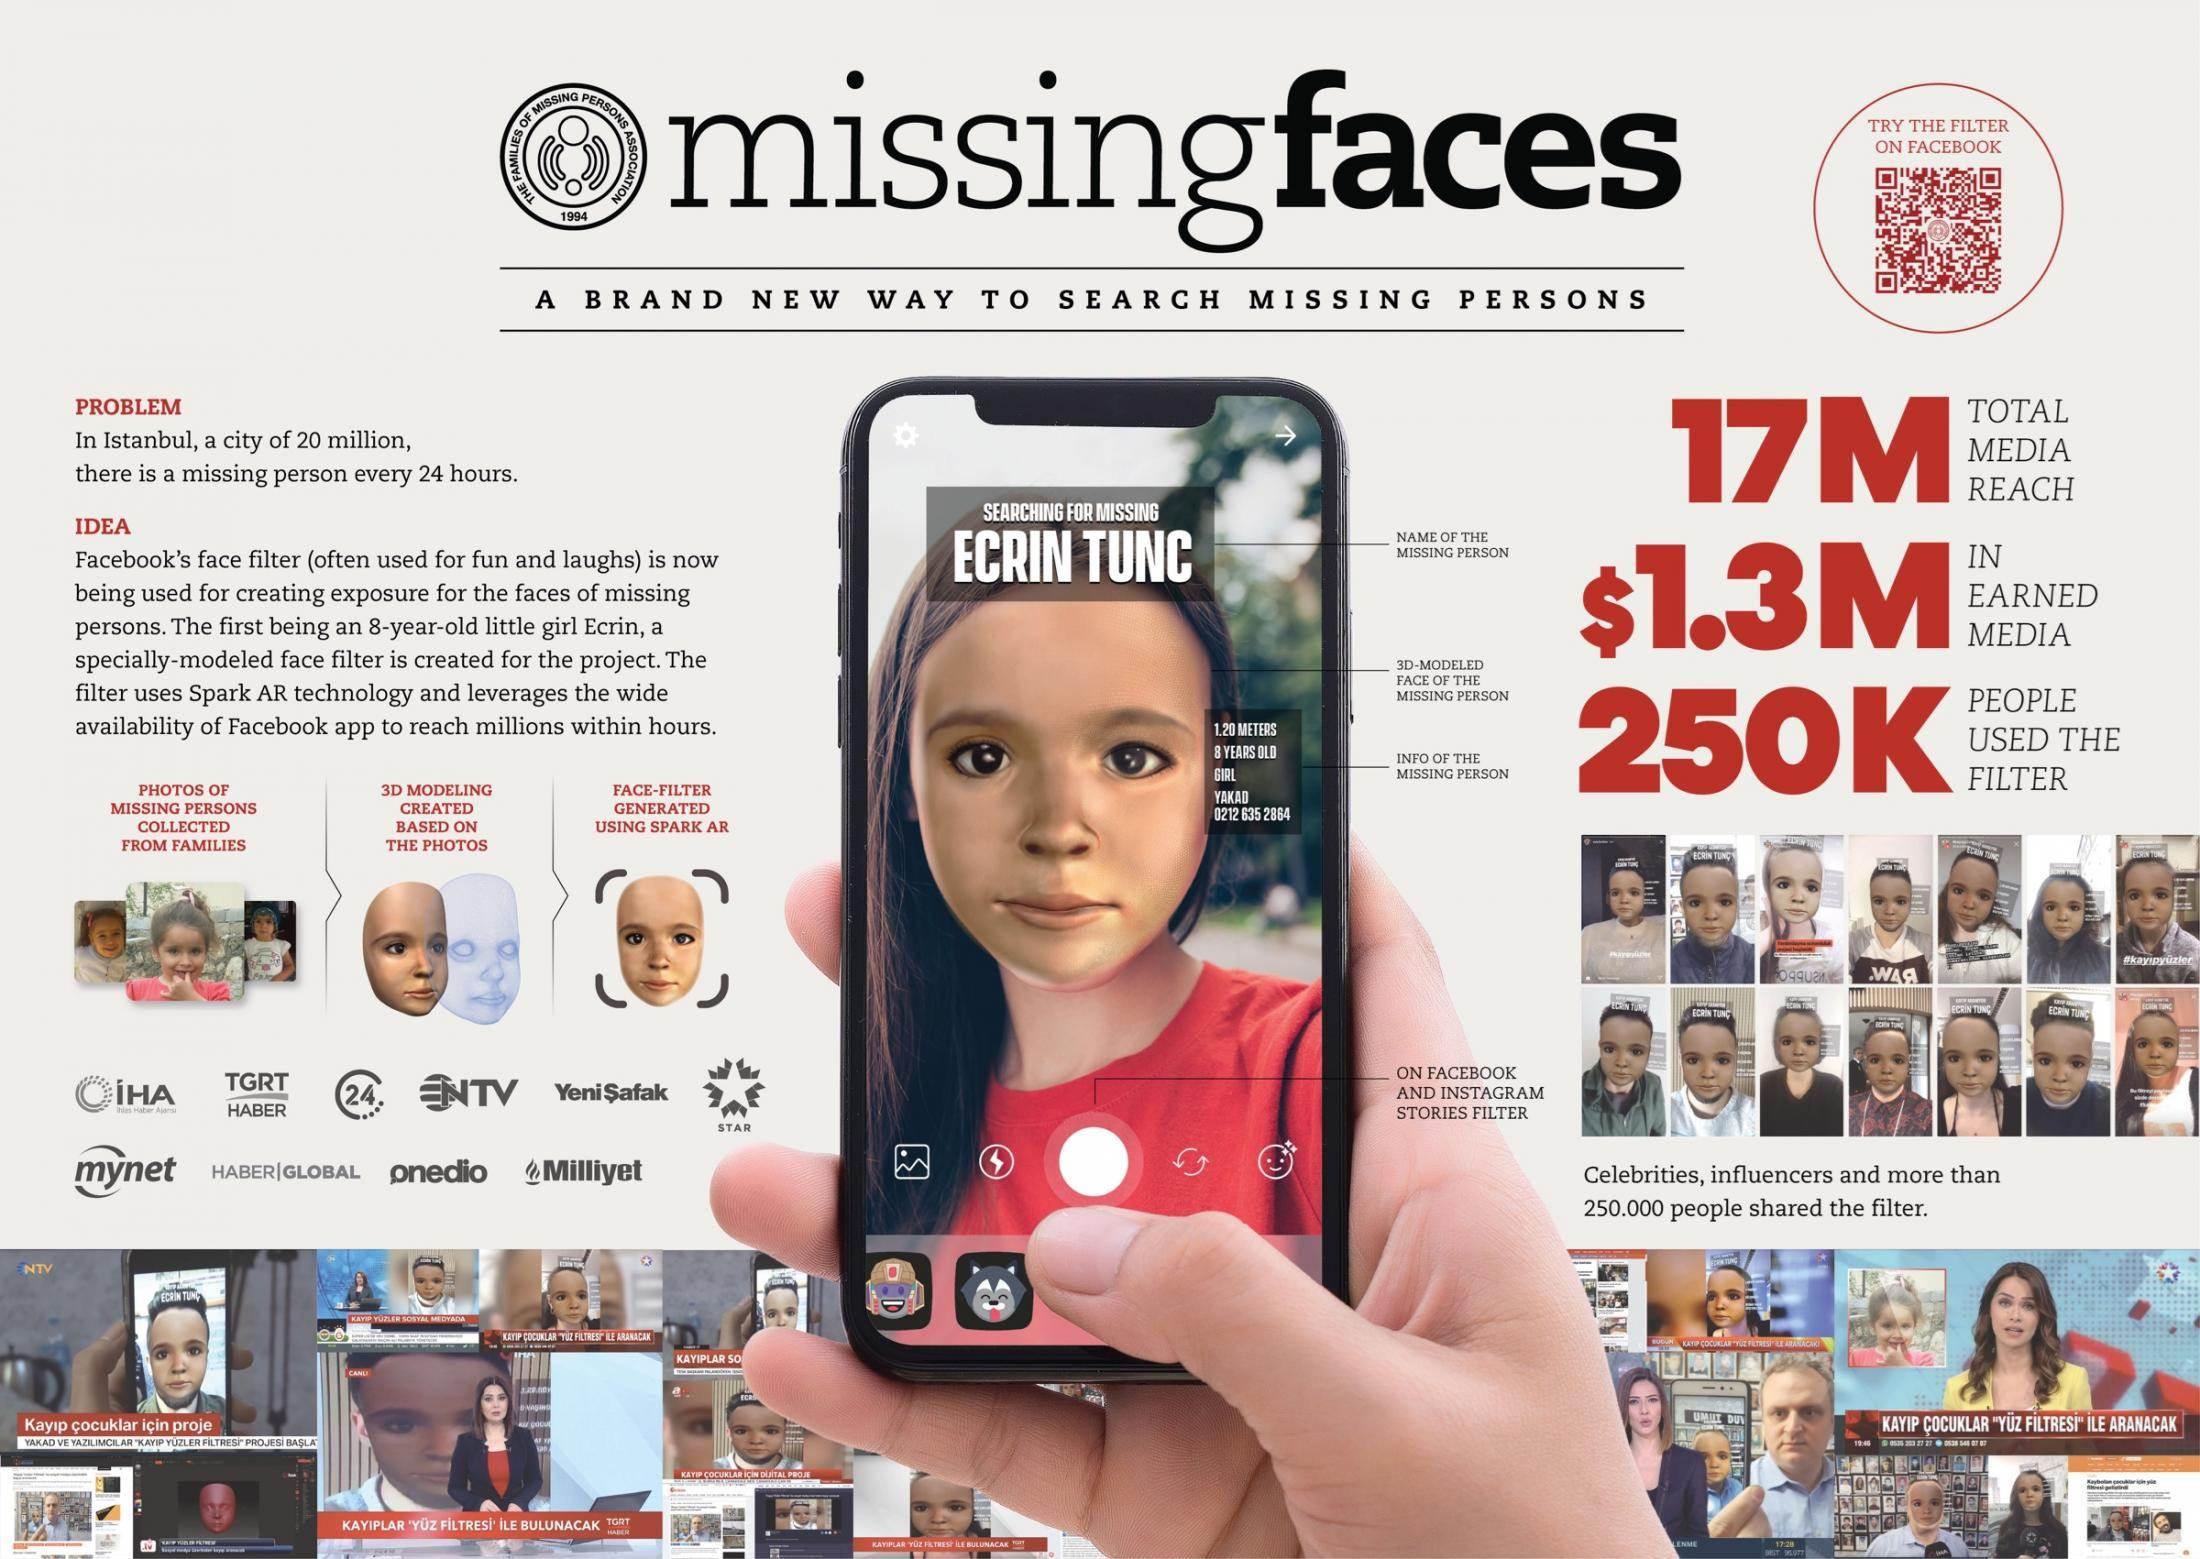 The Missing Faces เปลี่ยนหน้าเขามาใส่หน้าเรา ช่วยติดตามคนหายคืนสู่ครอบครัว